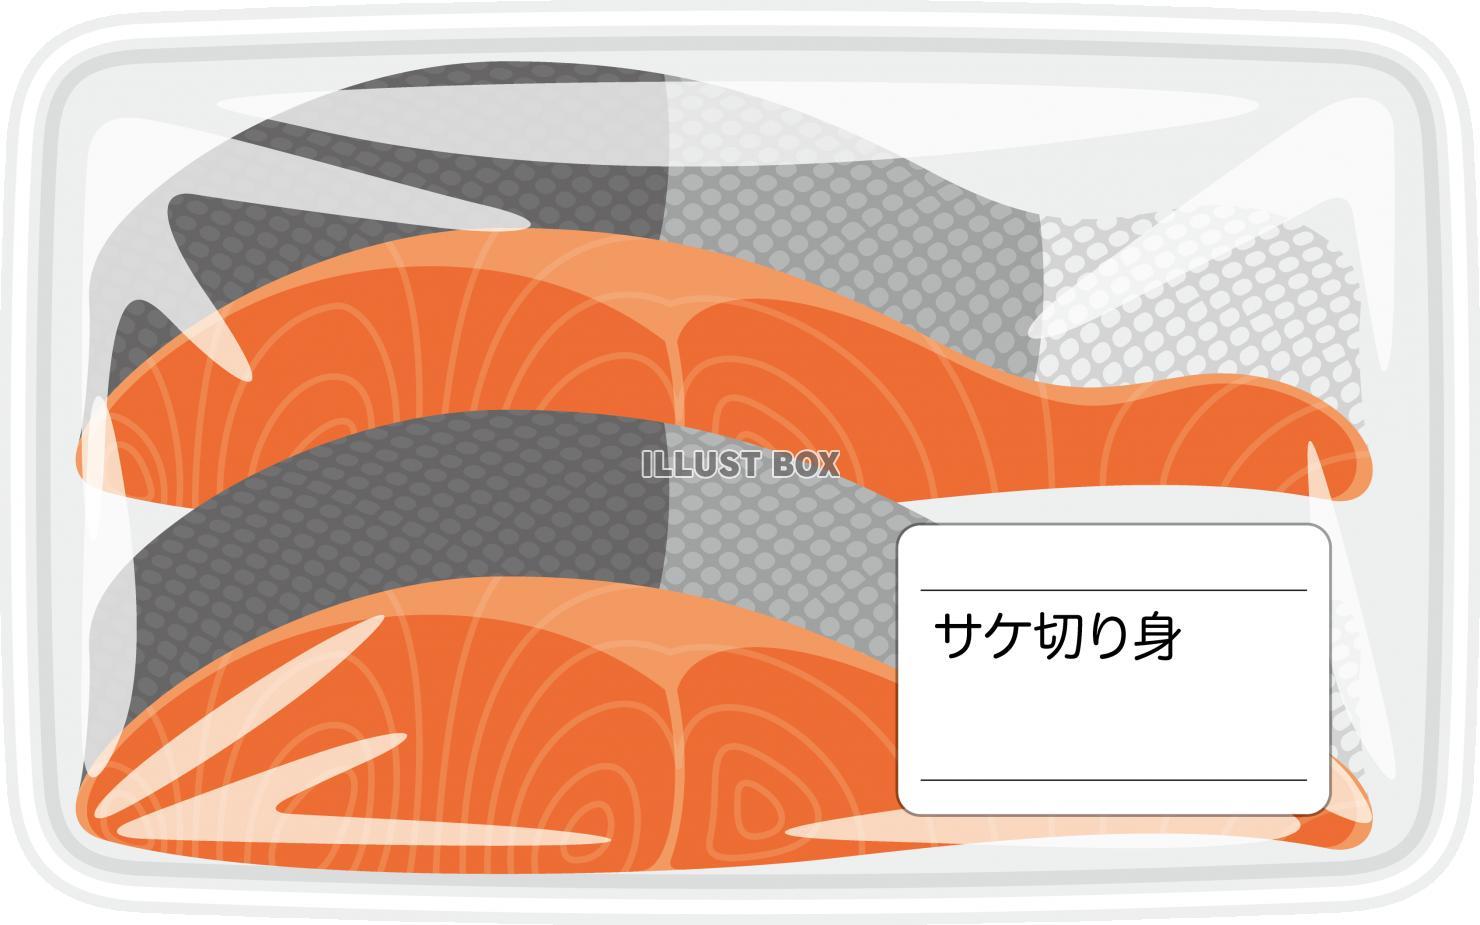 鮭」イラスト無料